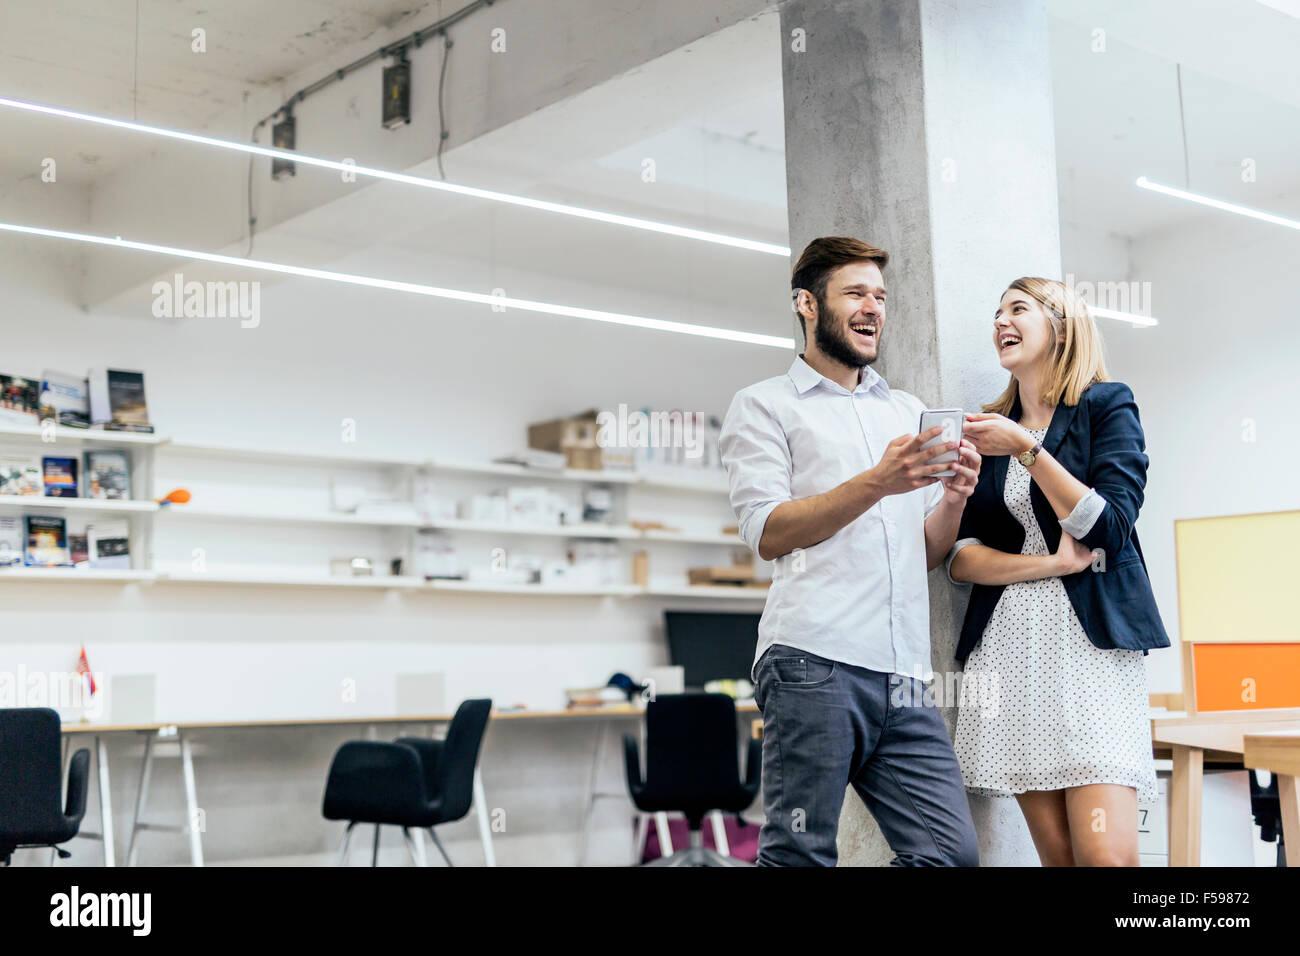 Zwei Kollegen, die mit einem Lachen in einem Büro nach Blick auf den Telefon-Inhalt Stockfoto